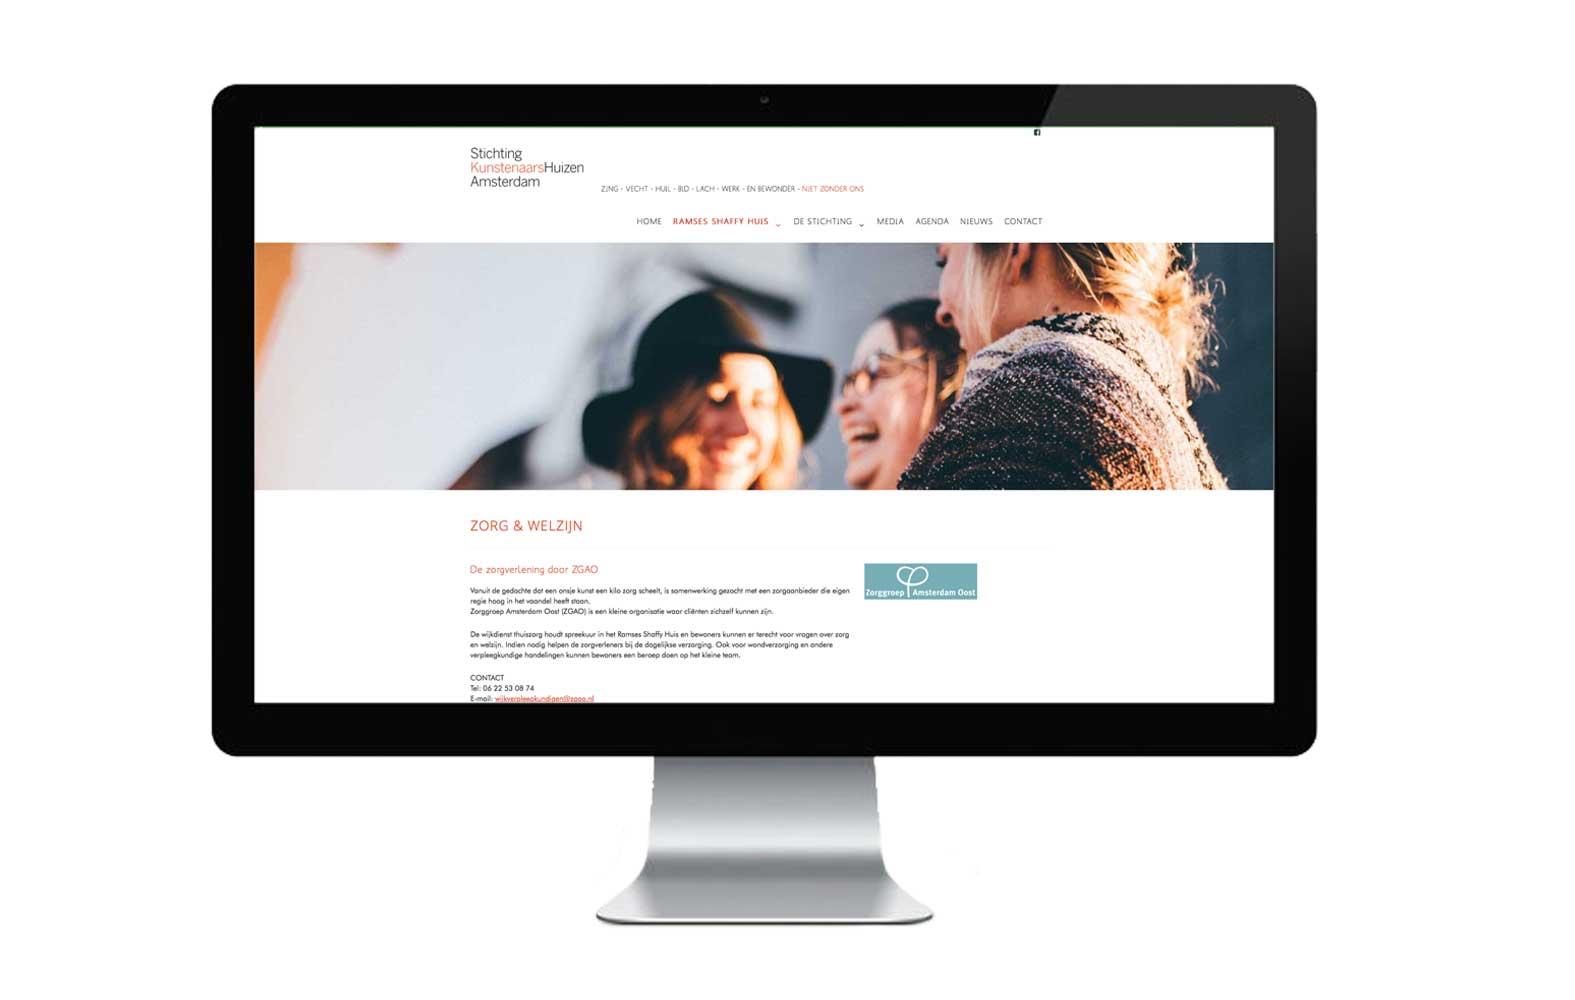 StudioErnst-KunstenaarshuizenAmsterdam-zorg-welzijn-website